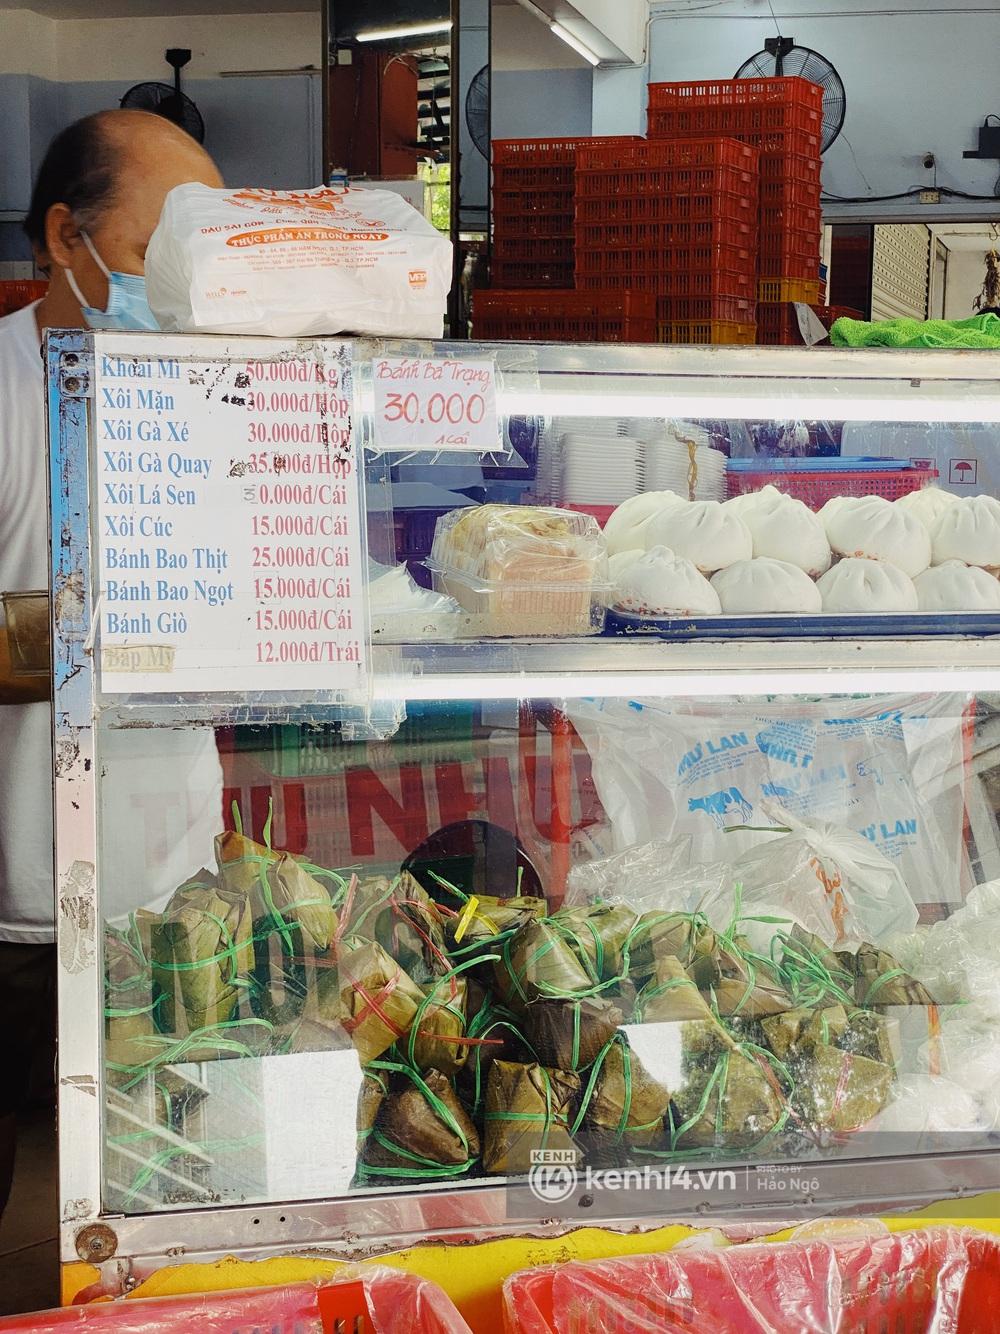 Xếp hàng mua bánh Trung thu Như Lan hot nhất Sài Gòn: Khách sộp mua 11 triệu tiền bánh, shipper đợi đến phát quạu - Ảnh 24.